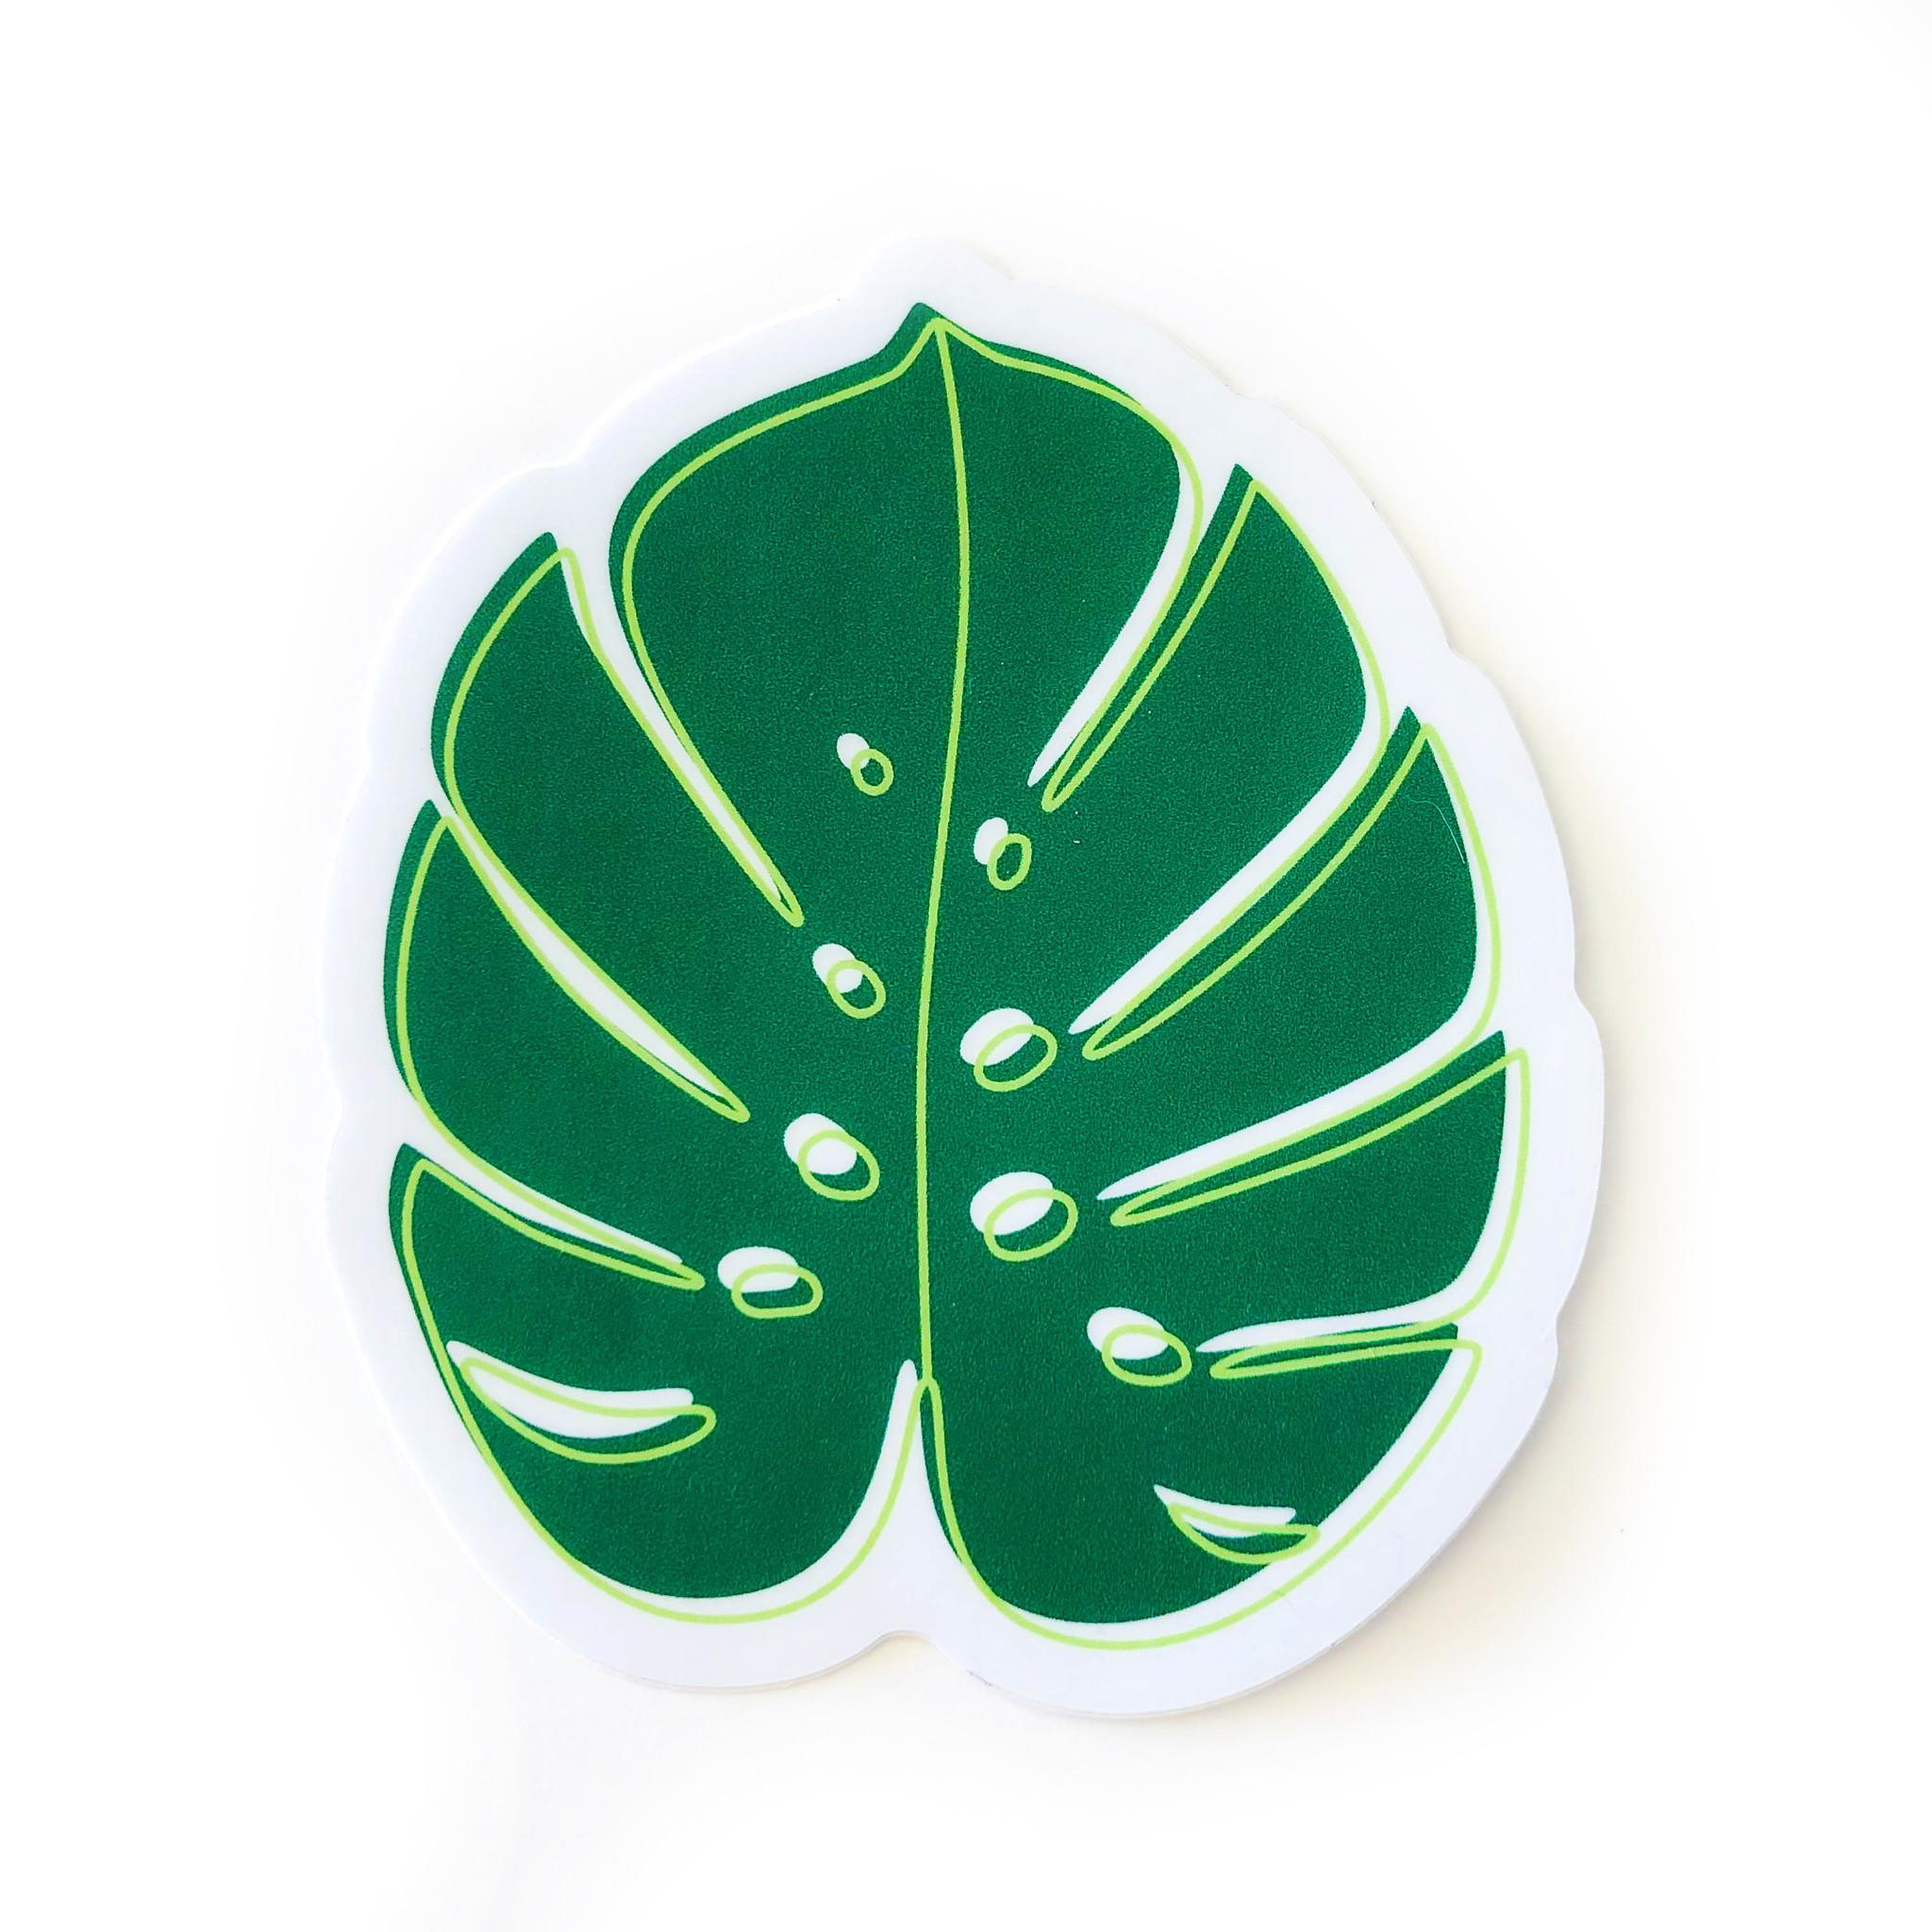 Sticker Monstera Deliciosa Leaf Plenty Mercantile Venue